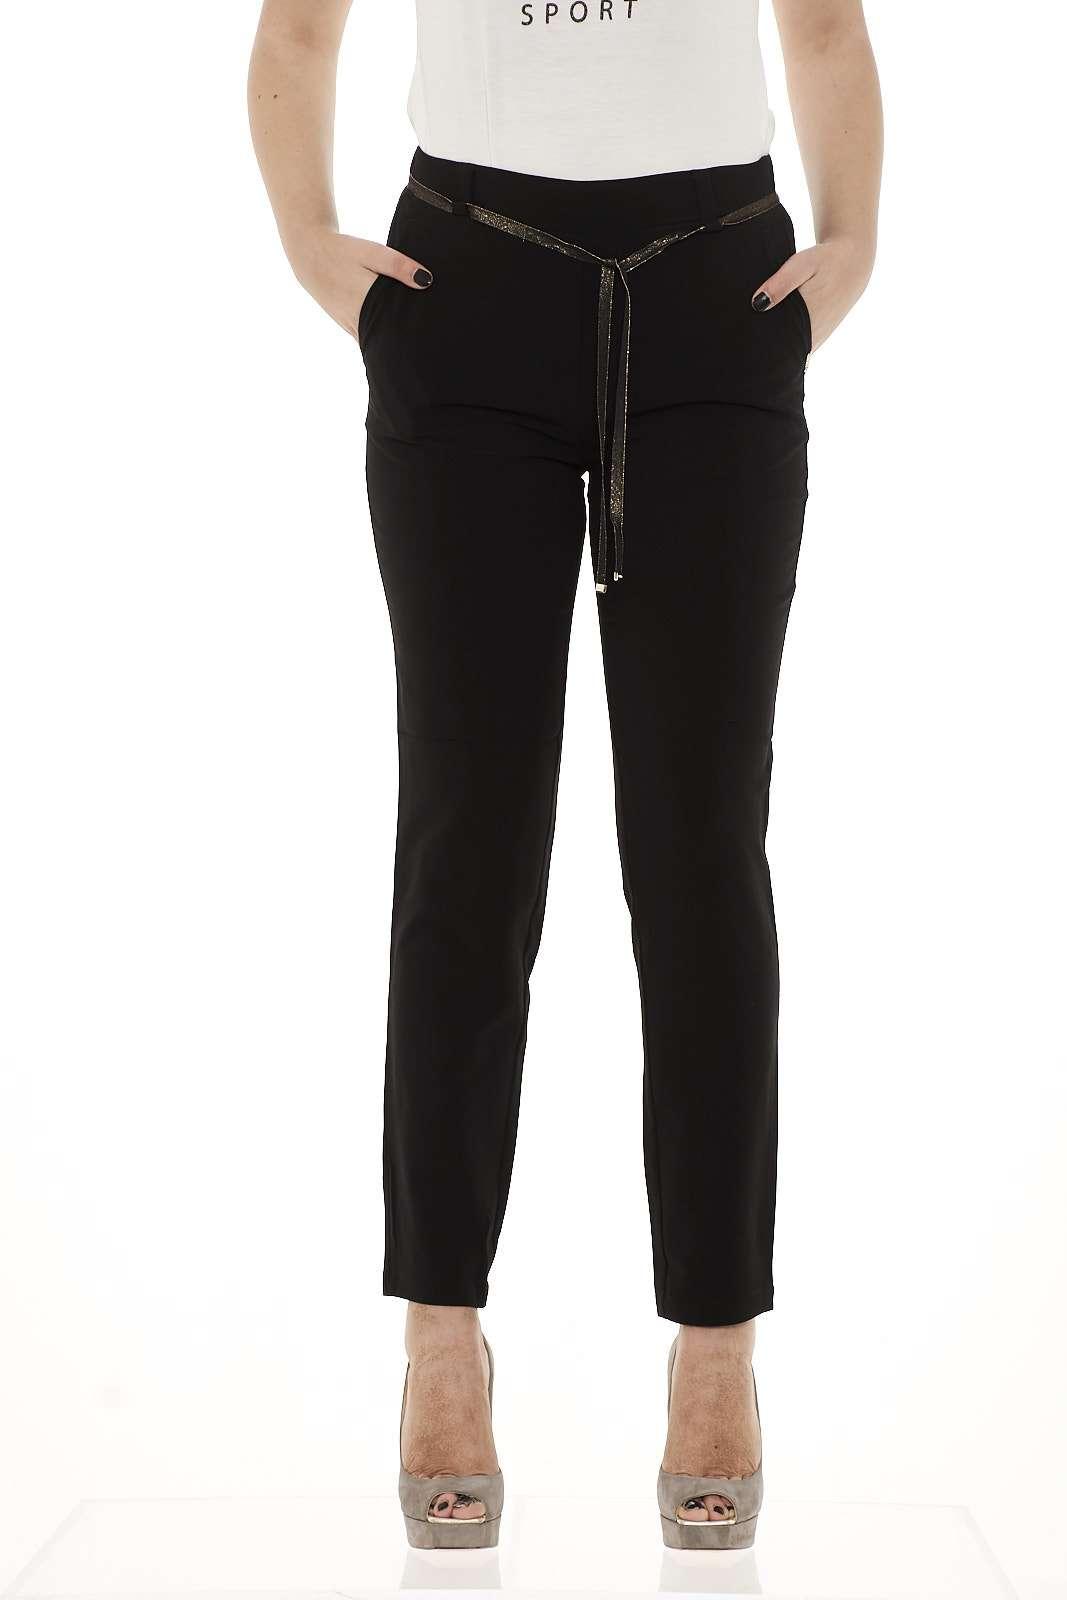 Vestibilità rilassata e taglio comfort per questi pantaloni in micro crèpe Liu Jo. Ben si adattano a una molteplice varietà di outfit.